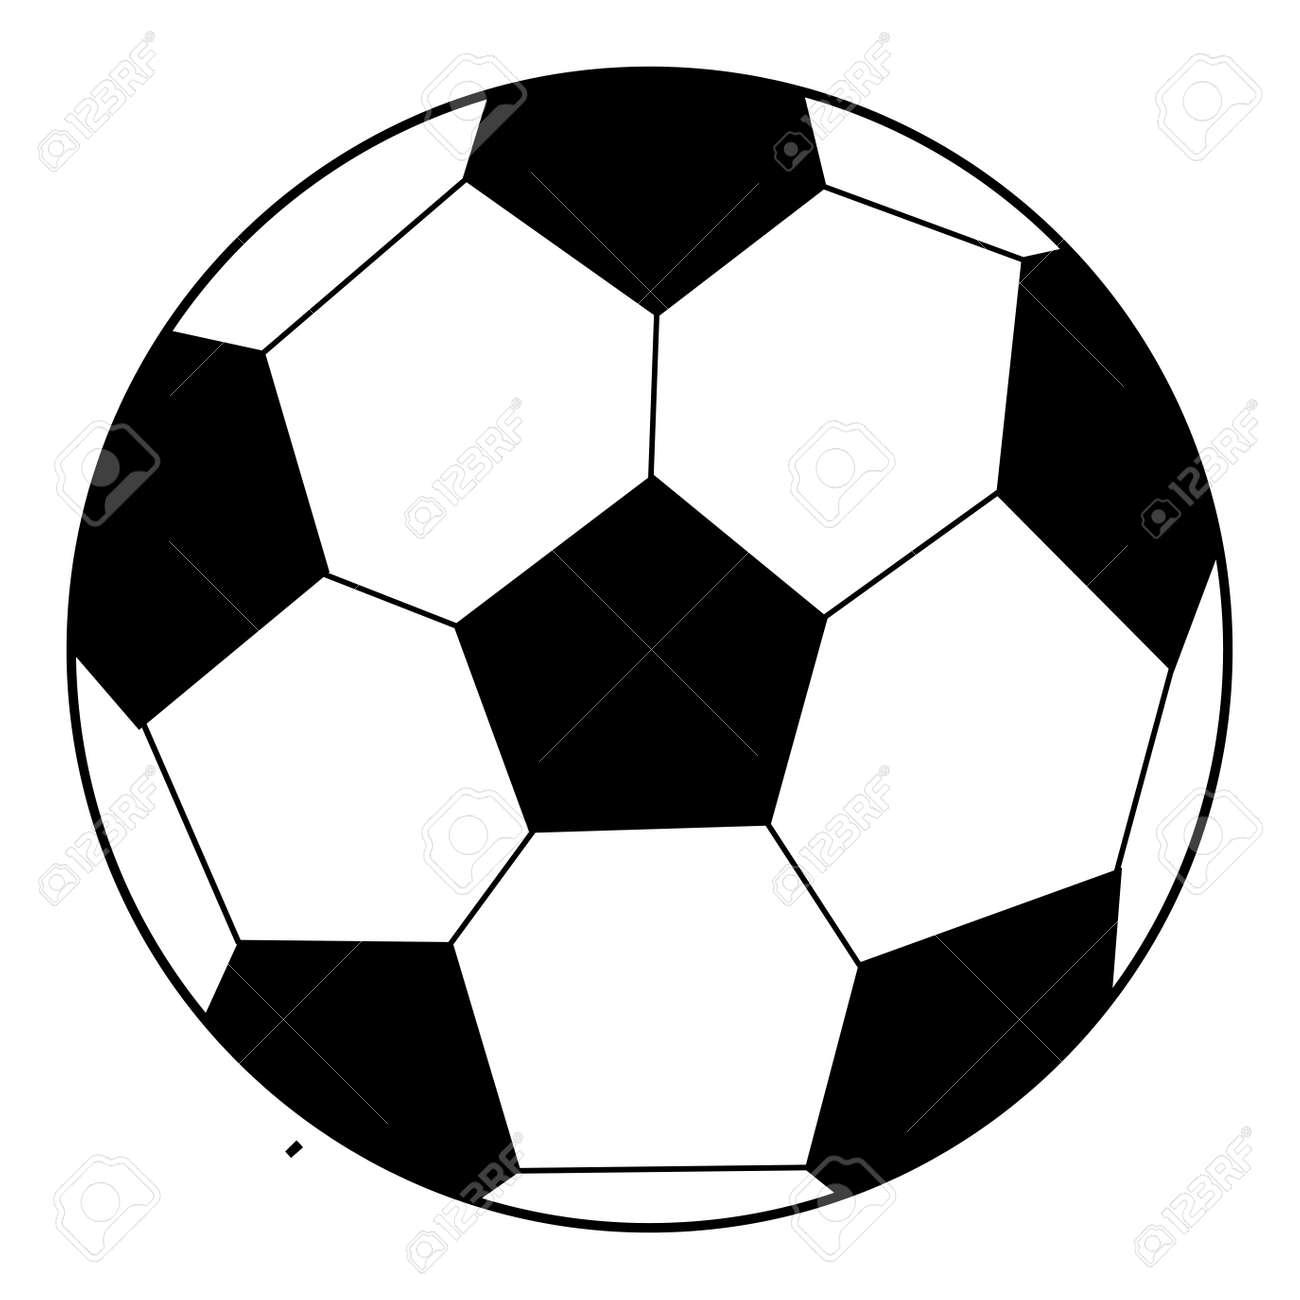 Asombroso Páginas Para Colorear De Balones De Fútbol Adorno ...